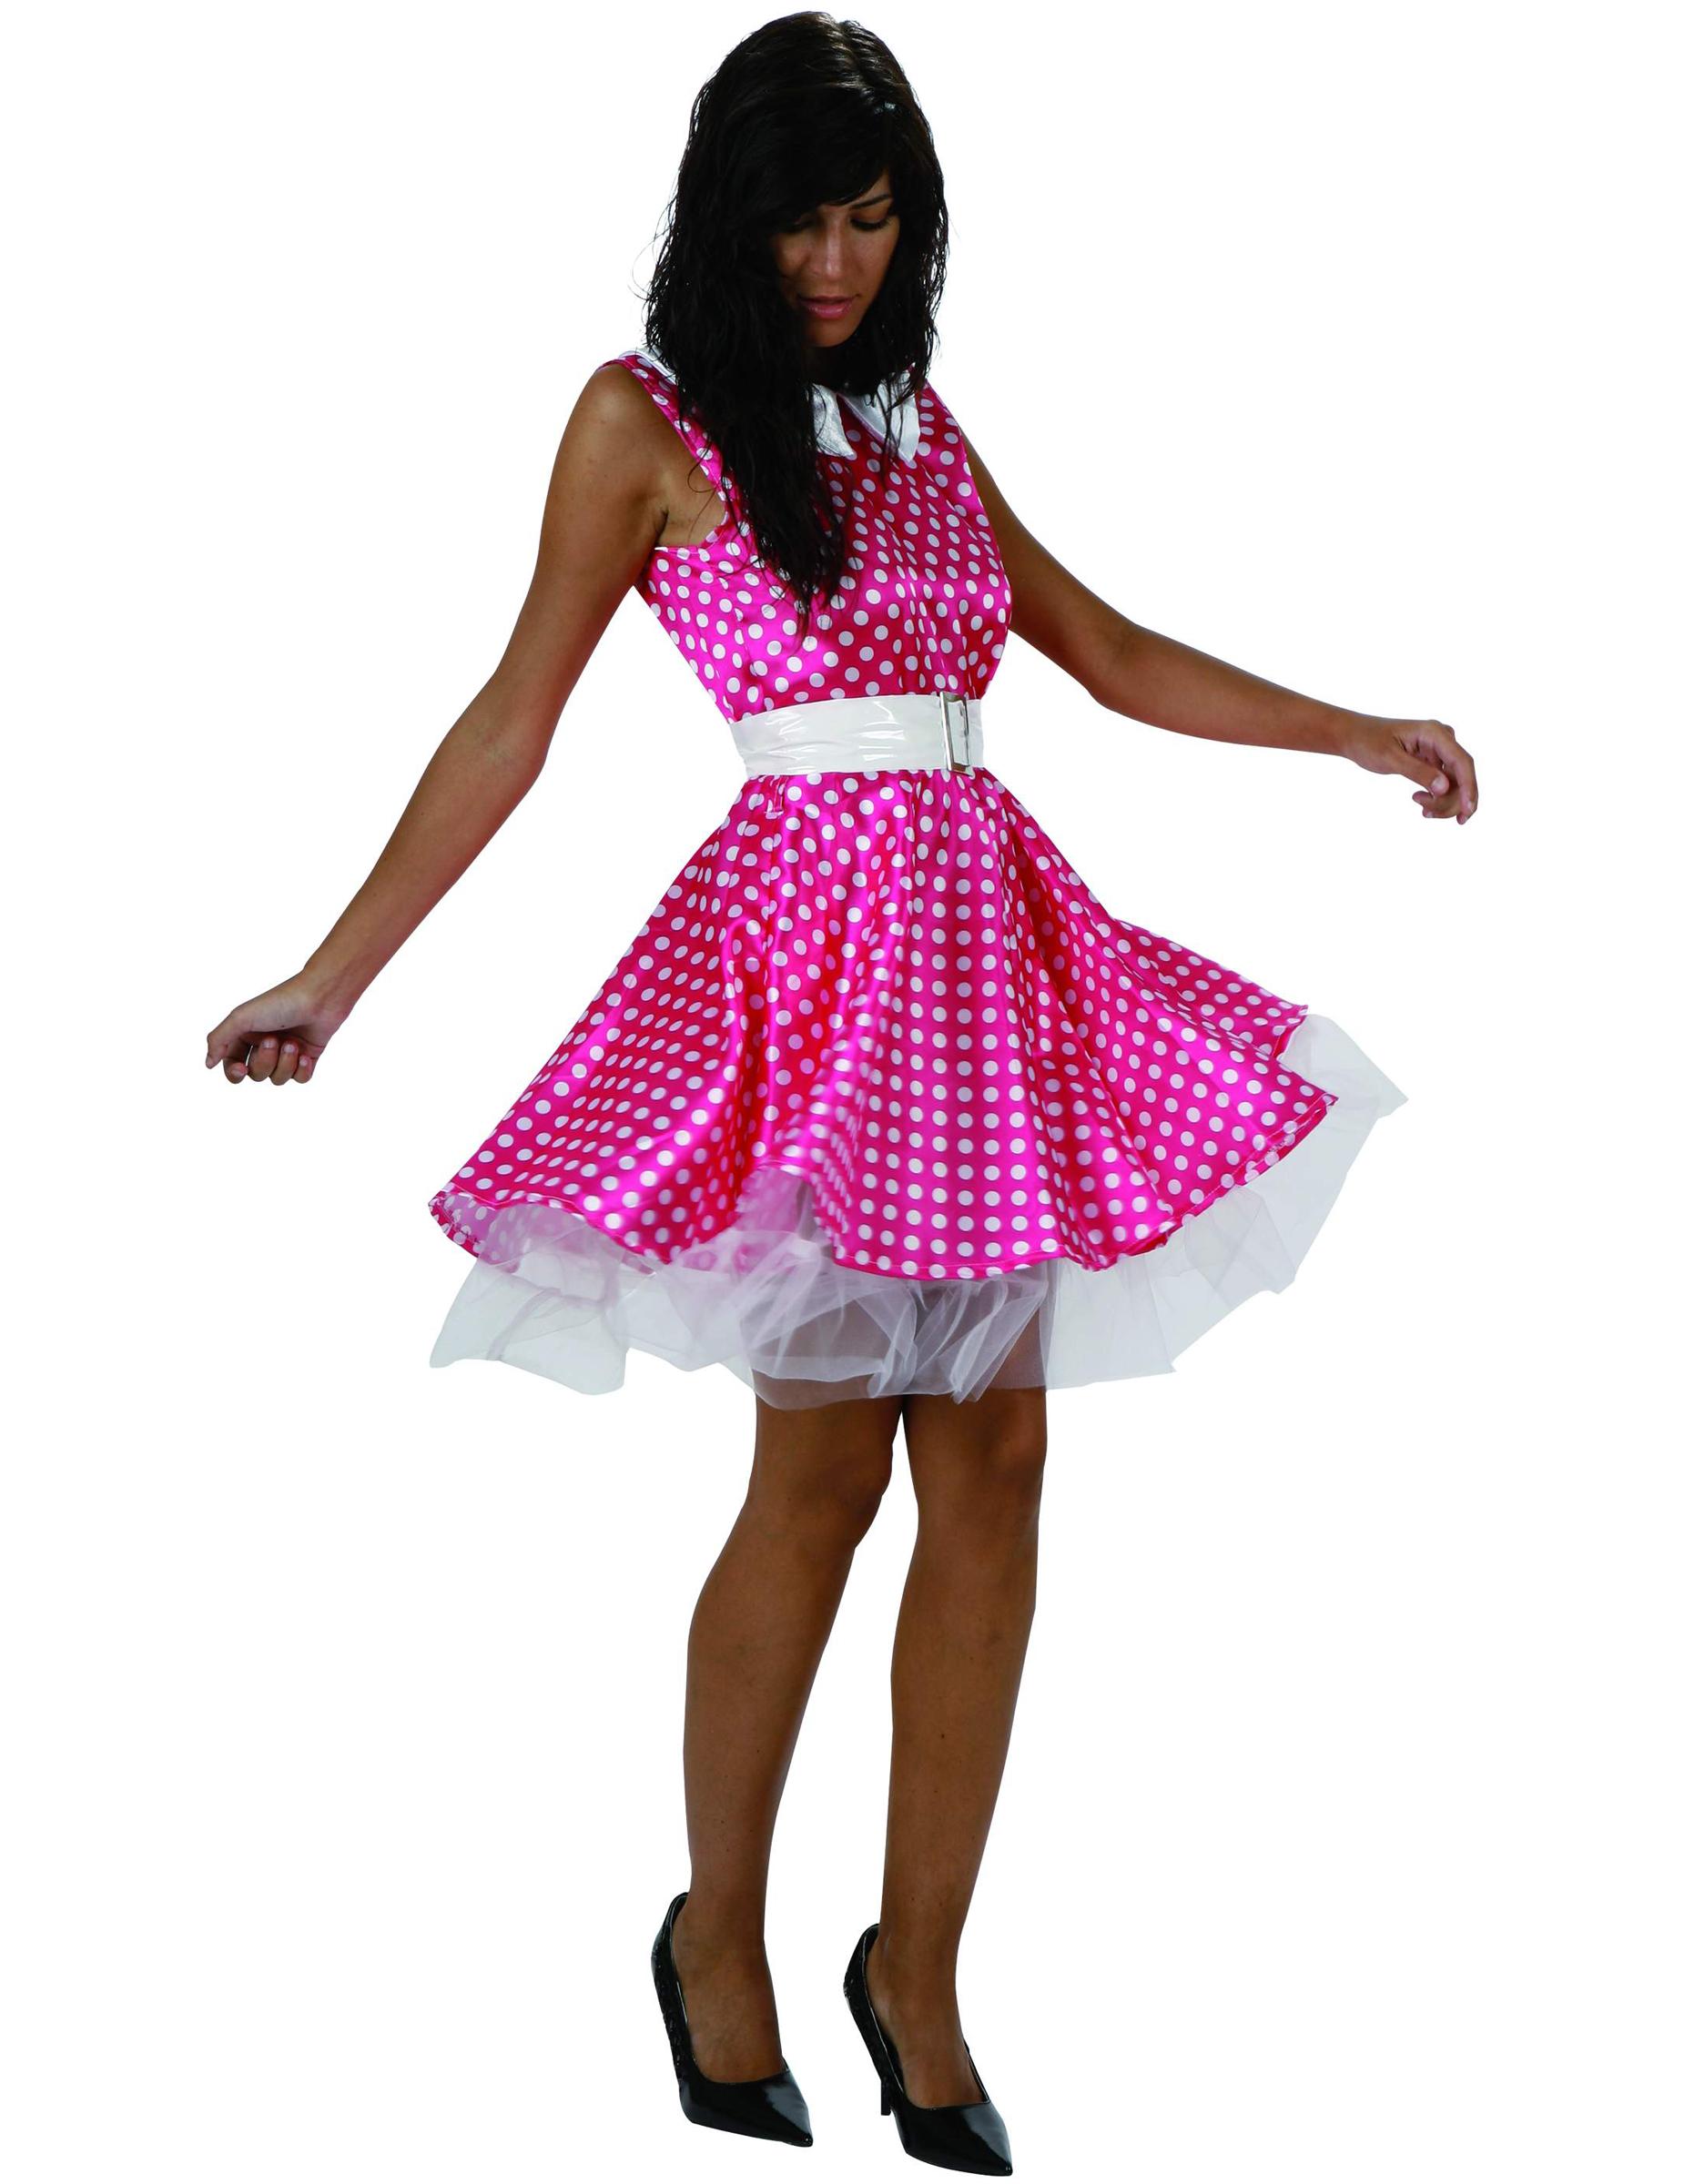 Disfraz rosa de los a os 50 para mujer for Disfraces de los anos 60